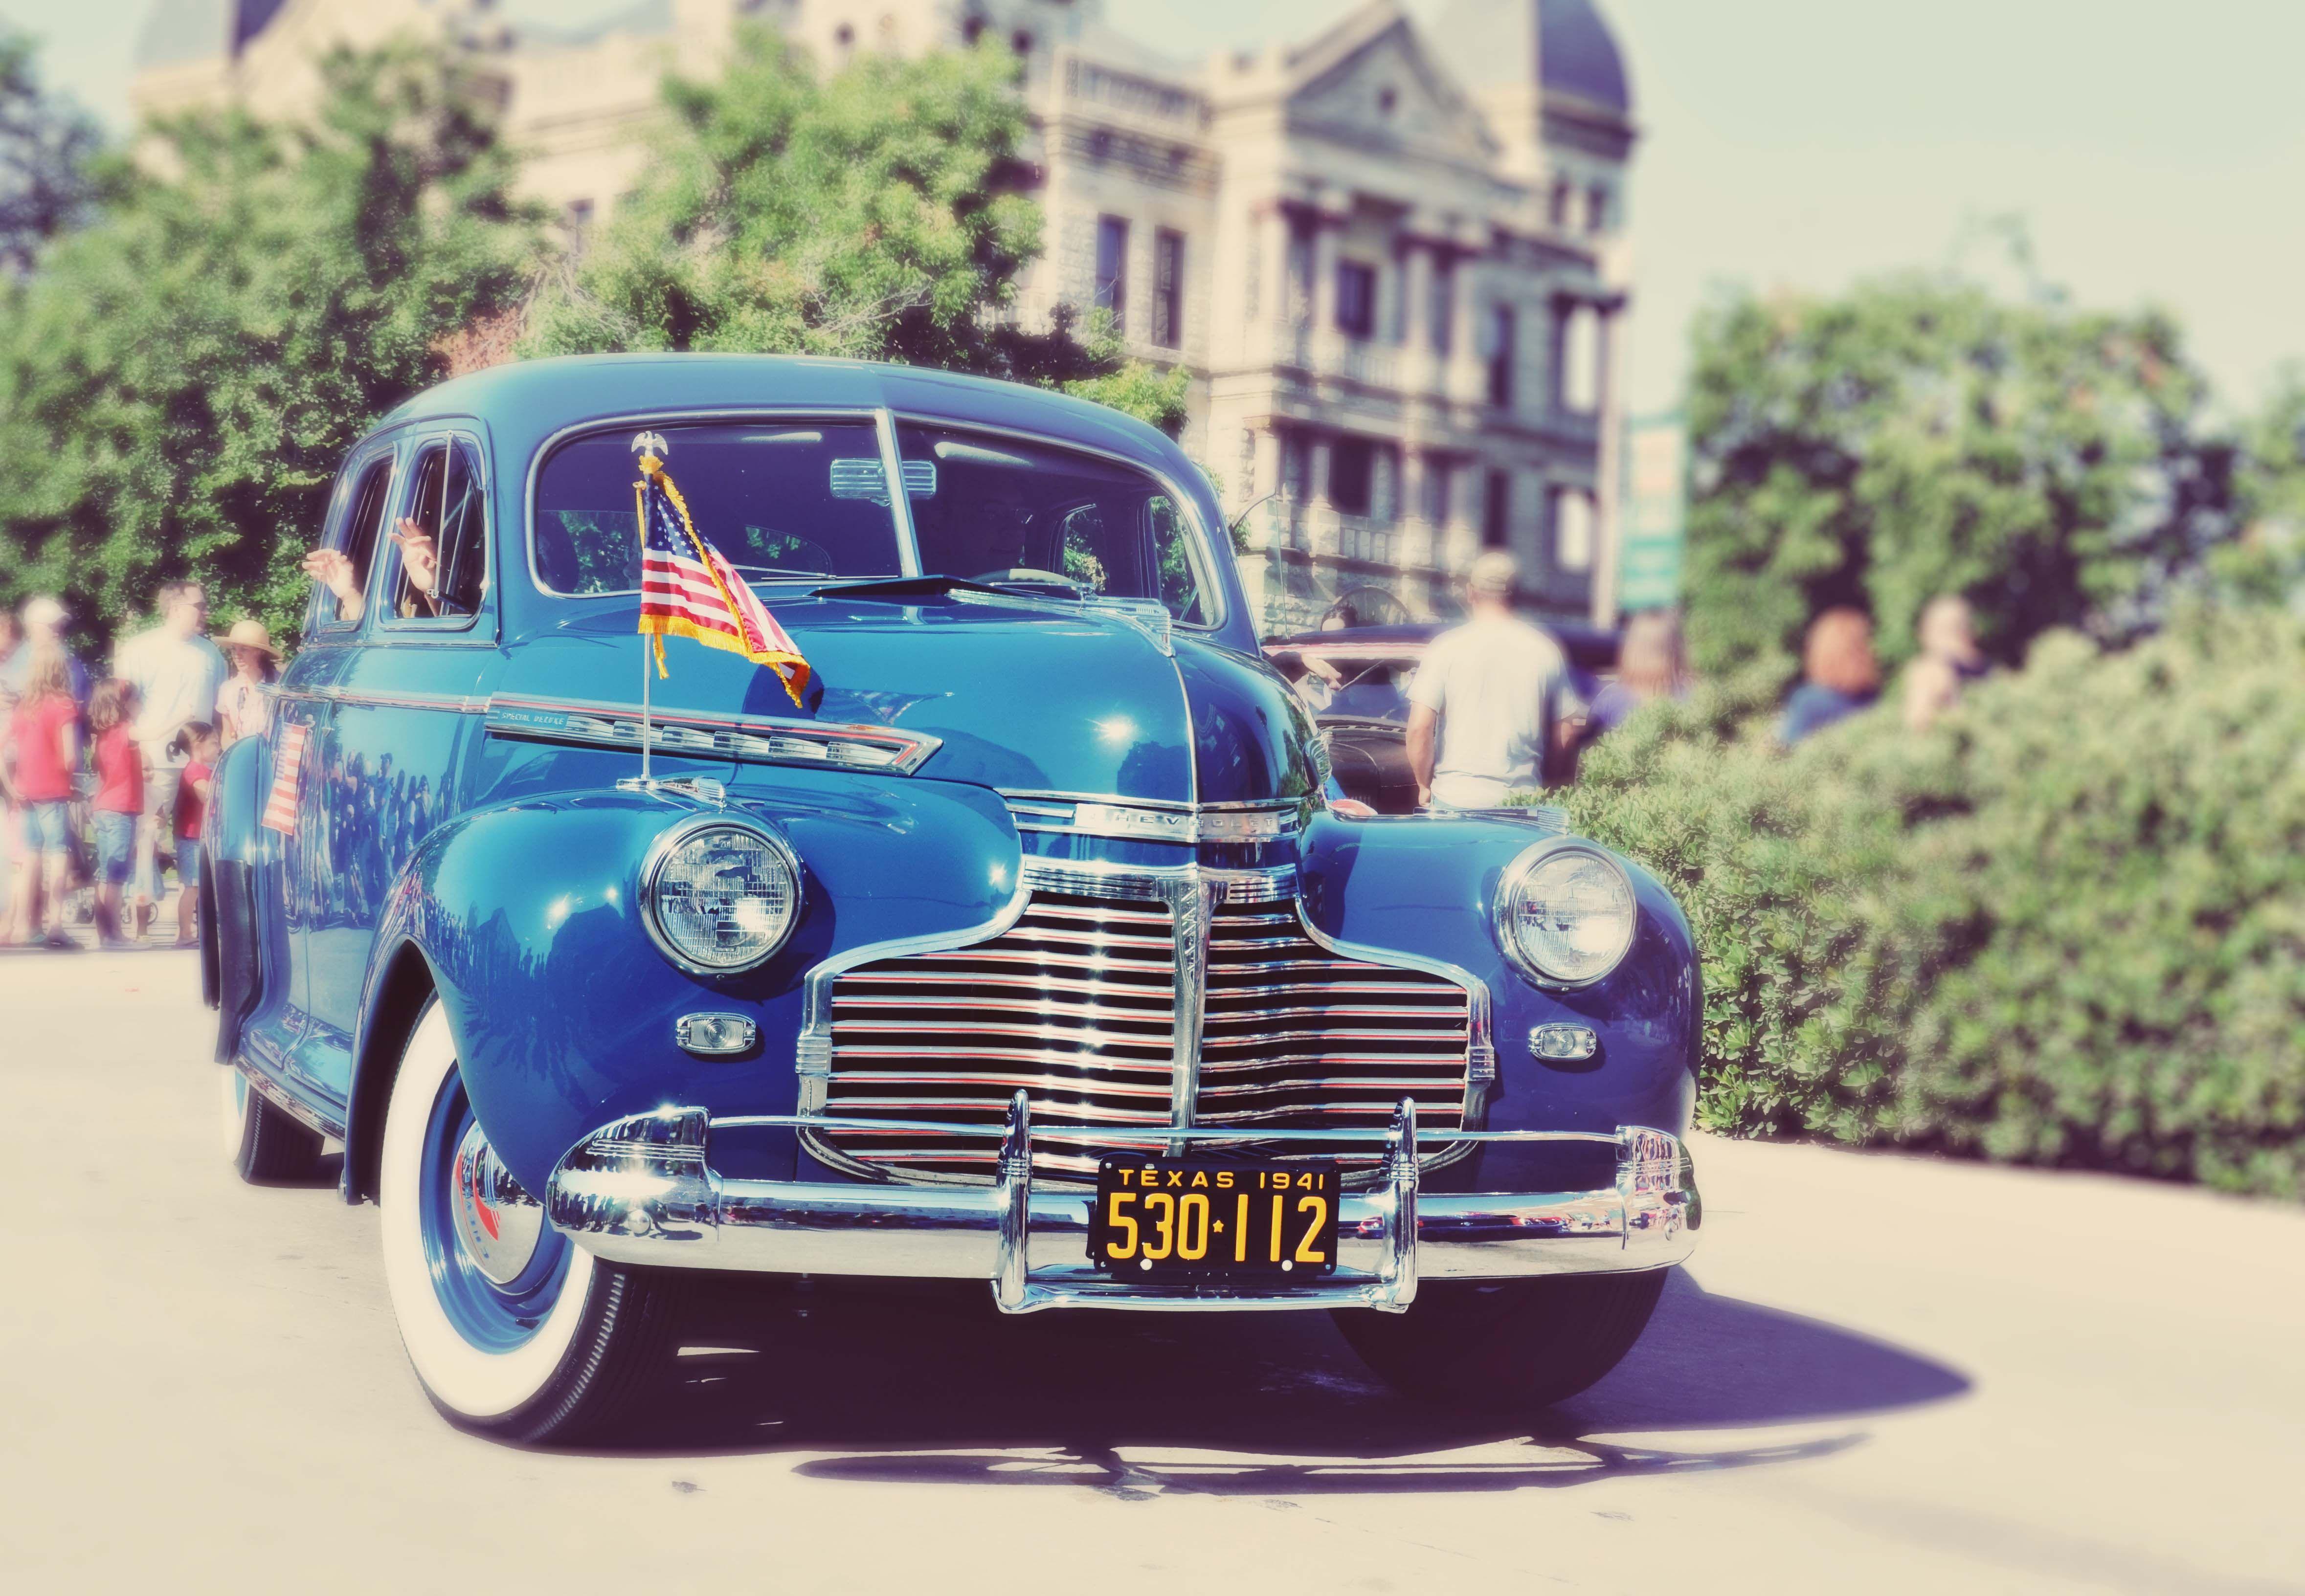 Texas 41 Cute Cars Beautiful Cars Classic Cars